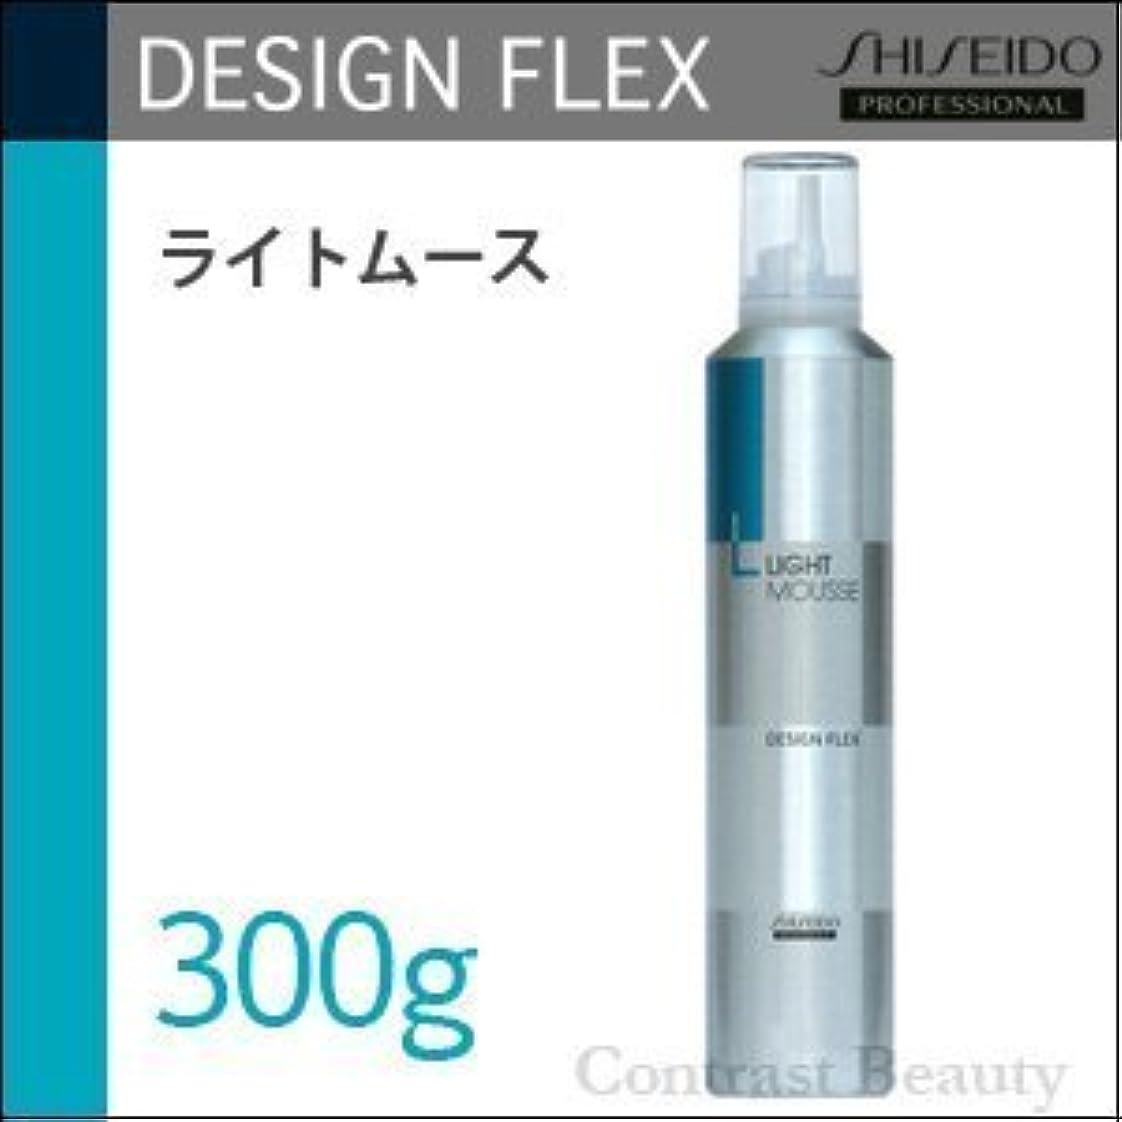 上院議員電話リレー資生堂プロフェッショナル デザインフレックス ライトムース 300g